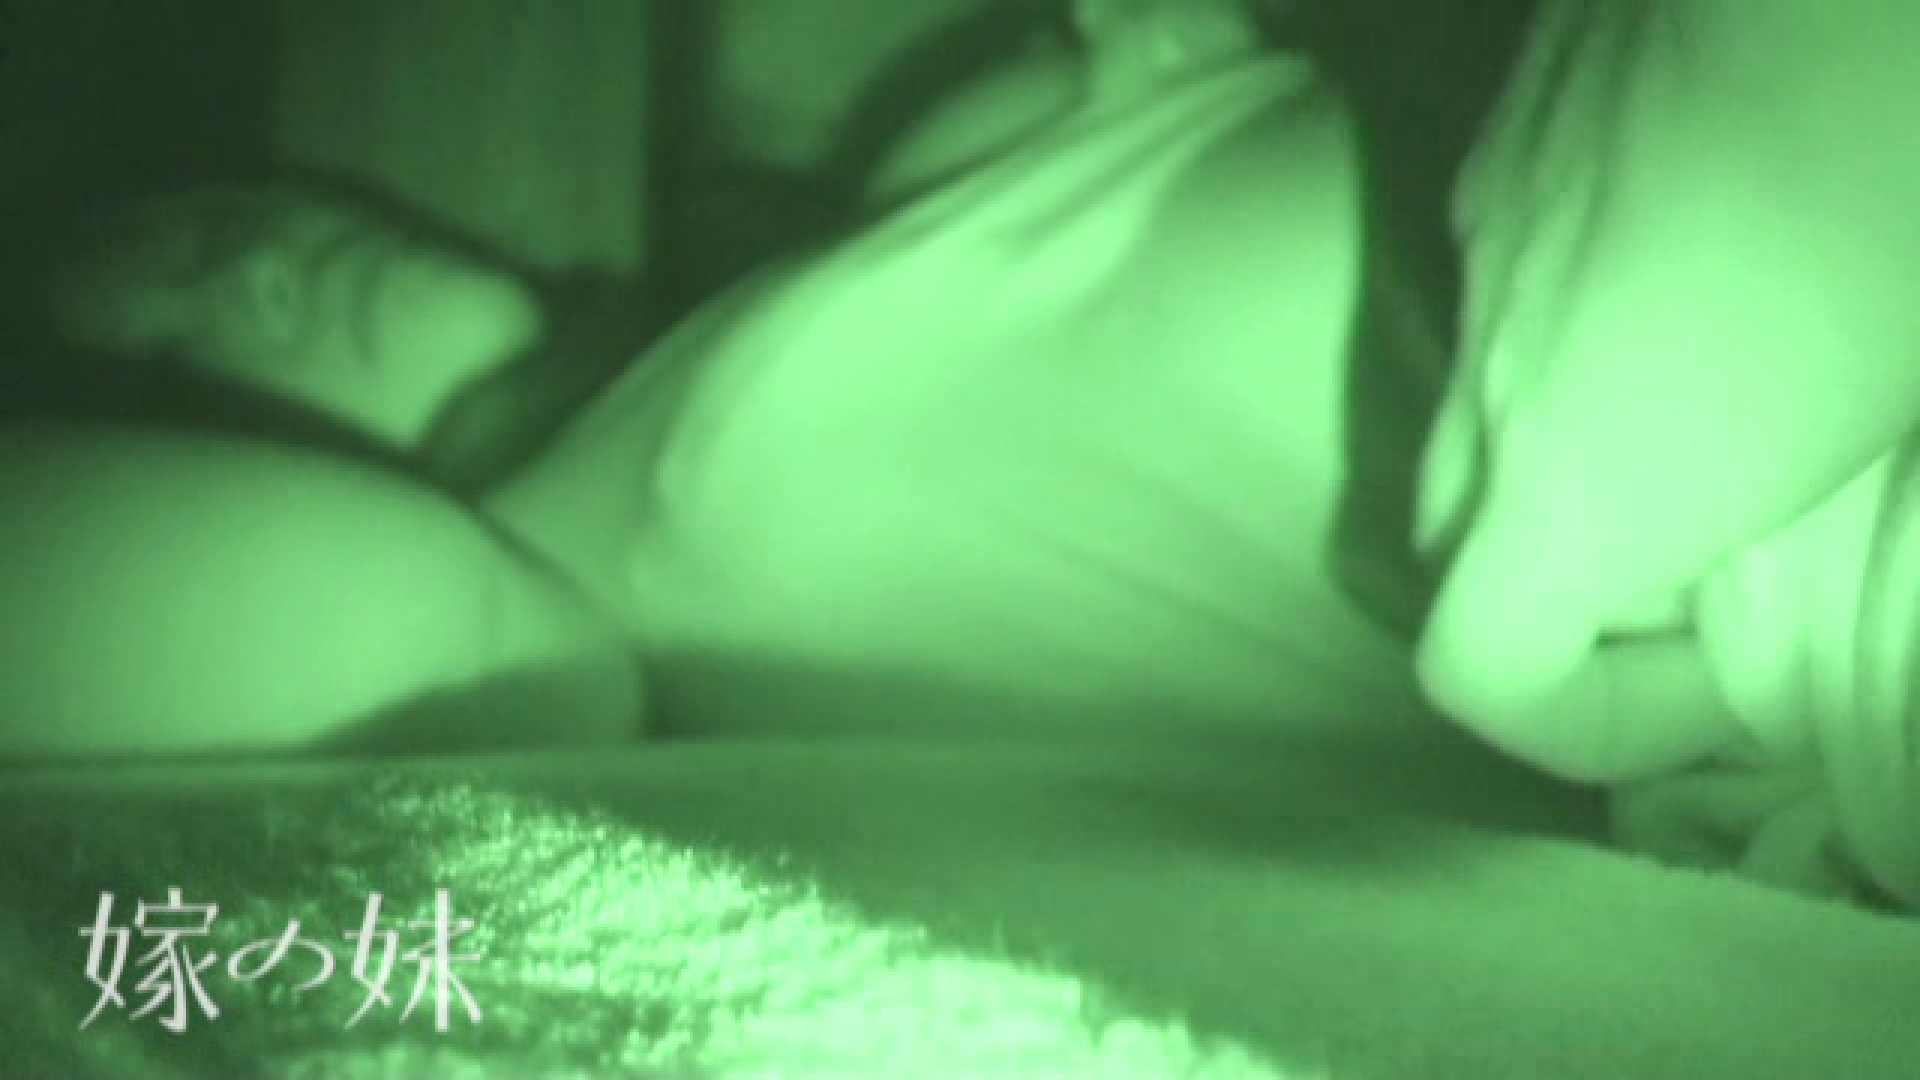 居候中の嫁の妹 盗撮 セックス画像 75PIX 62